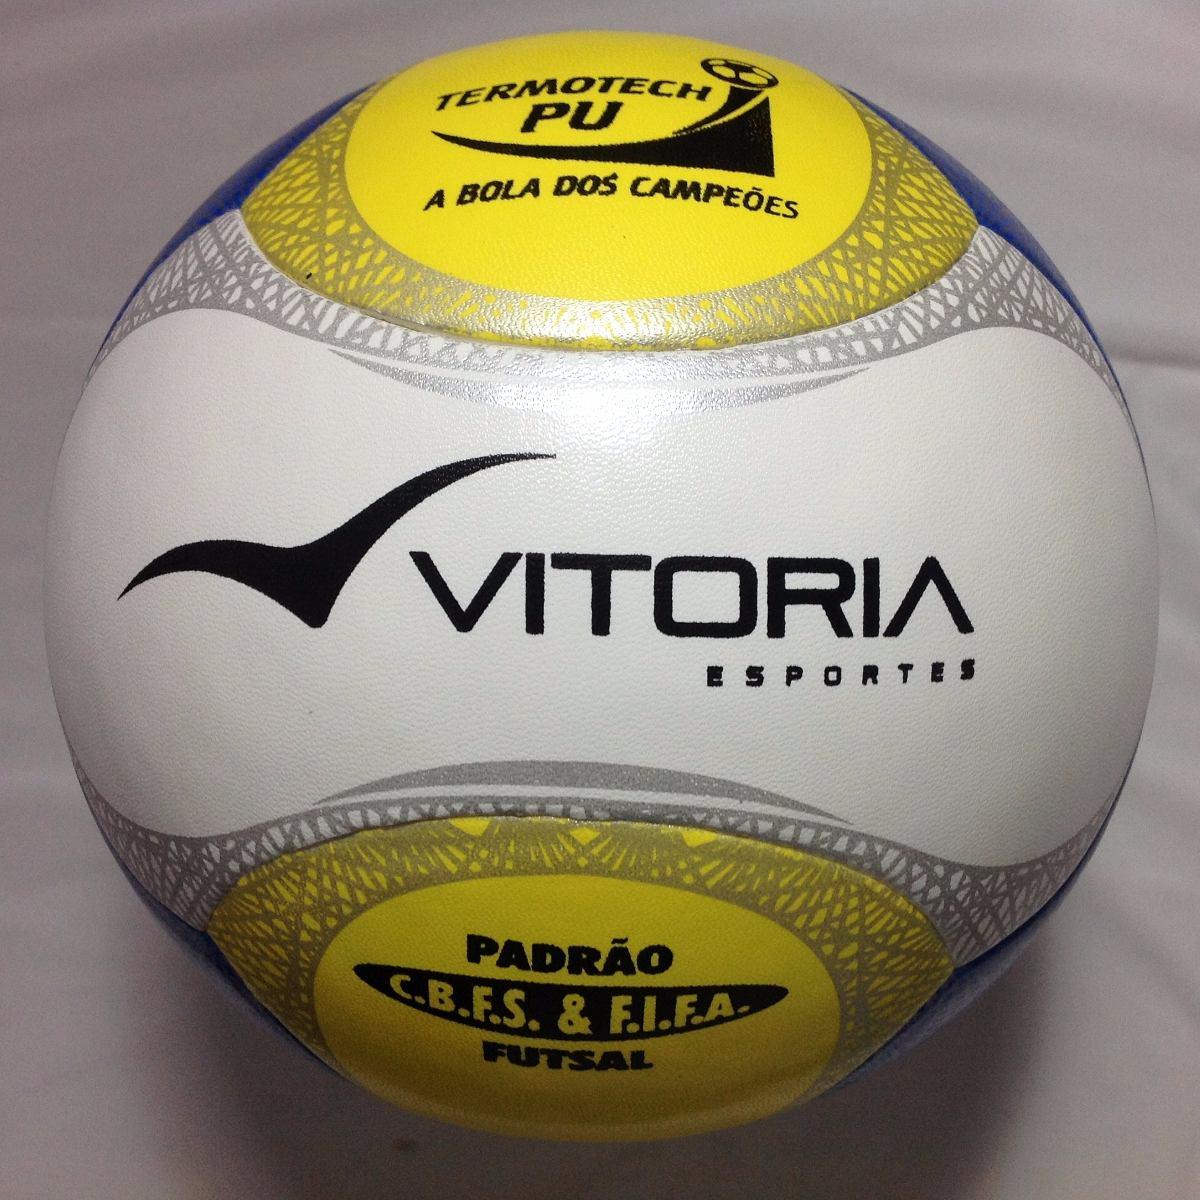 bola futsal original vitória oficial termotec pu 6 gomos 500. Carregando  zoom. 8cf74cd618c0d